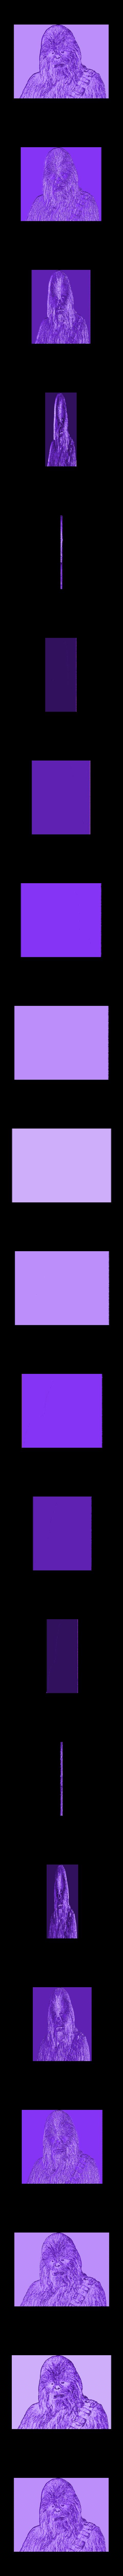 Chewbacca.stl Télécharger fichier STL gratuit Chewbacca lithophanie • Design imprimable en 3D, 3dlito